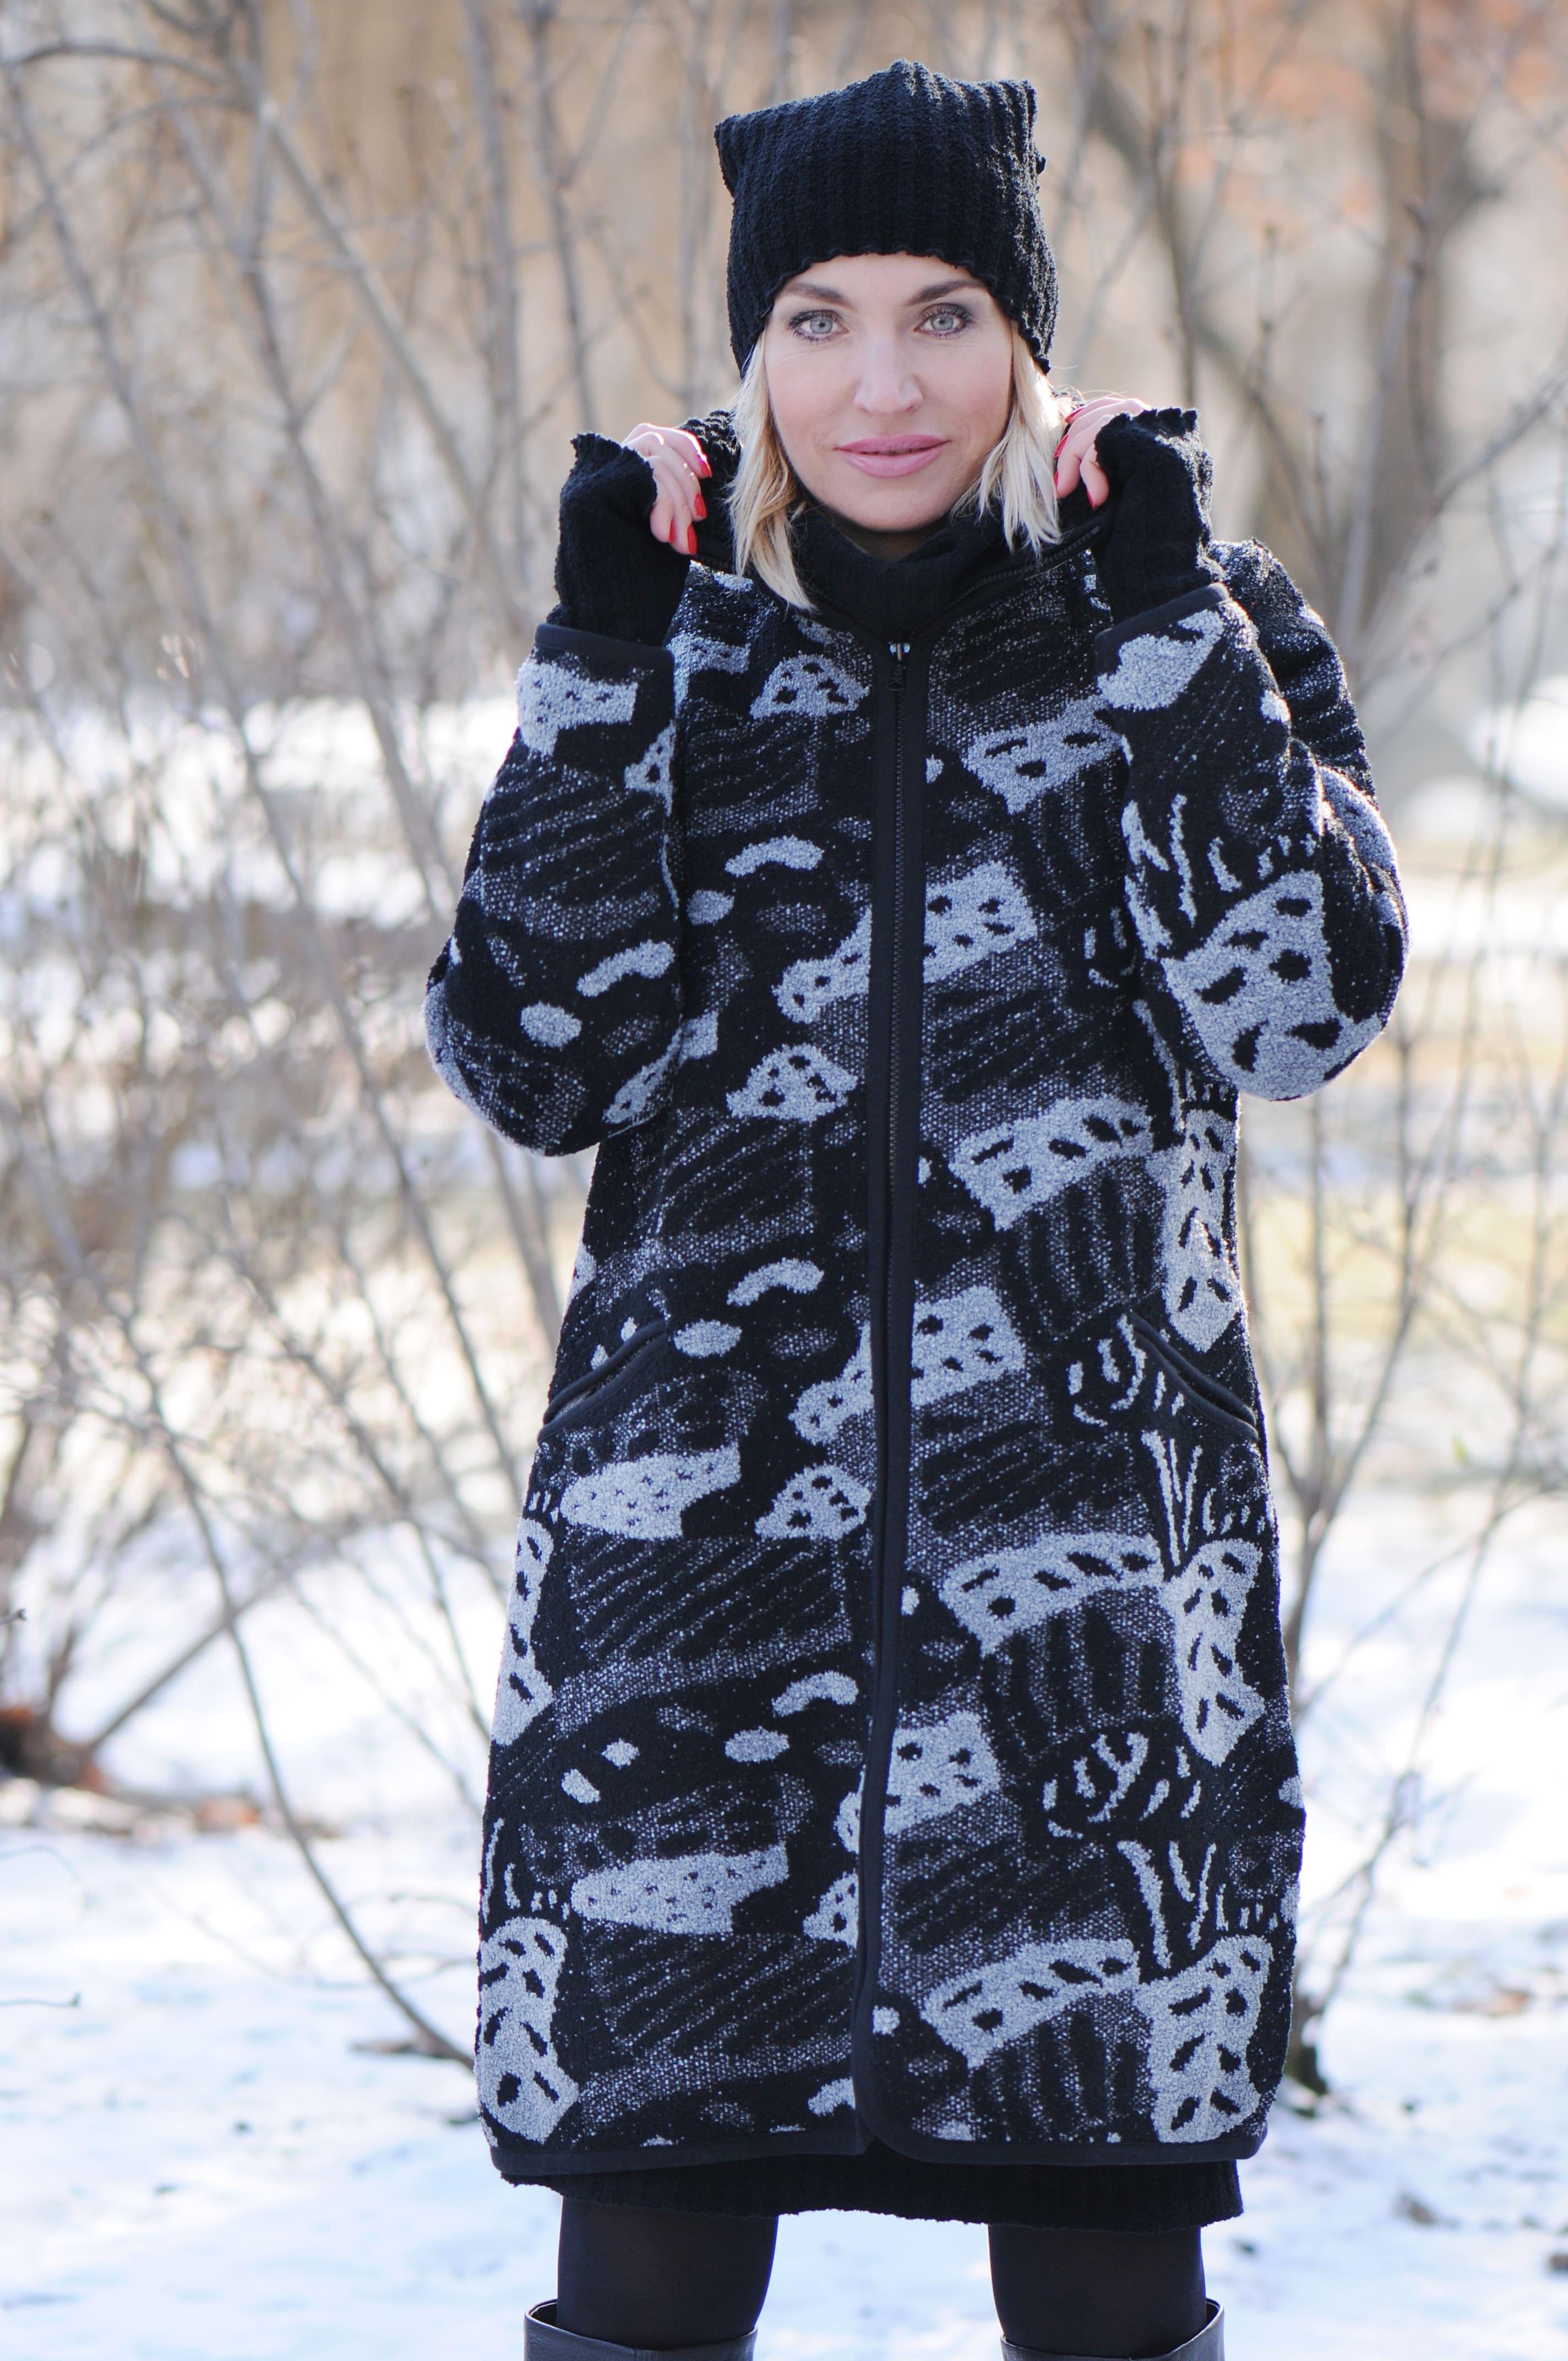 beec4edde Kabáty z tohoto materiálu jsou velmi teplé, ale současně lehké. Mají nízkou  navlhavost, tedy nevadí nějaká ta podzimní plískanice.